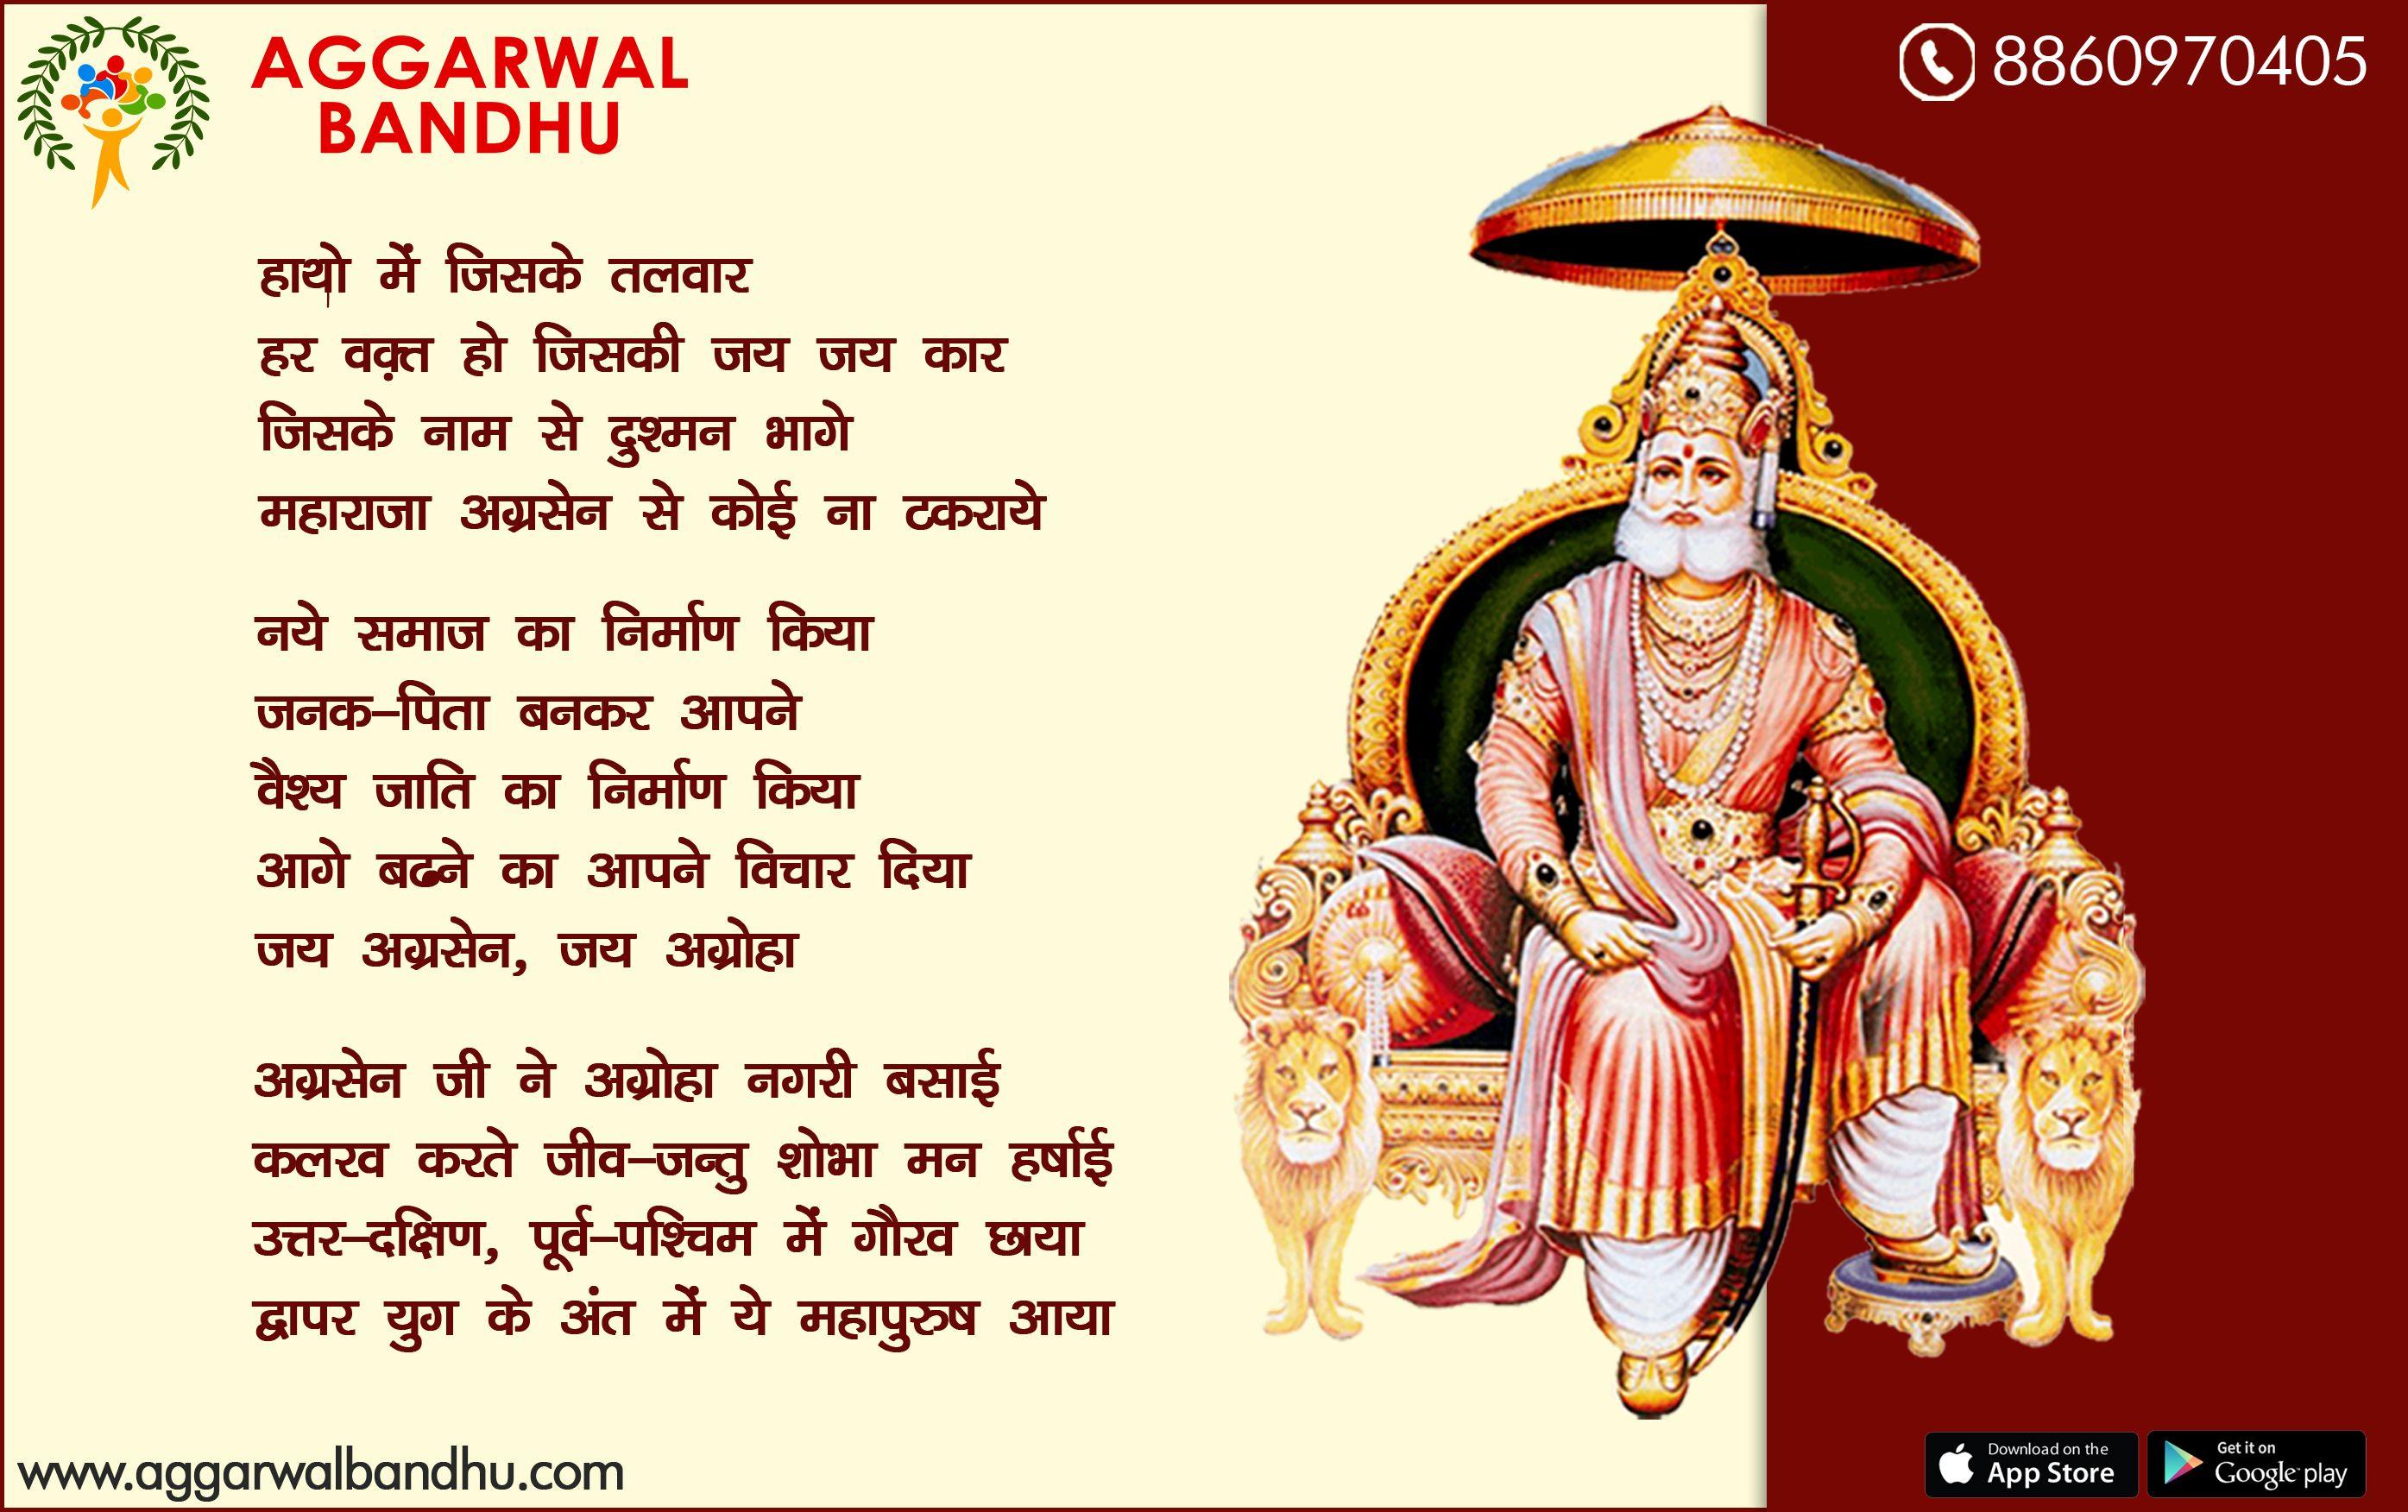 www aggarwalbandhu com #Aggarwal #Aggarwalbandhu #Agarwal